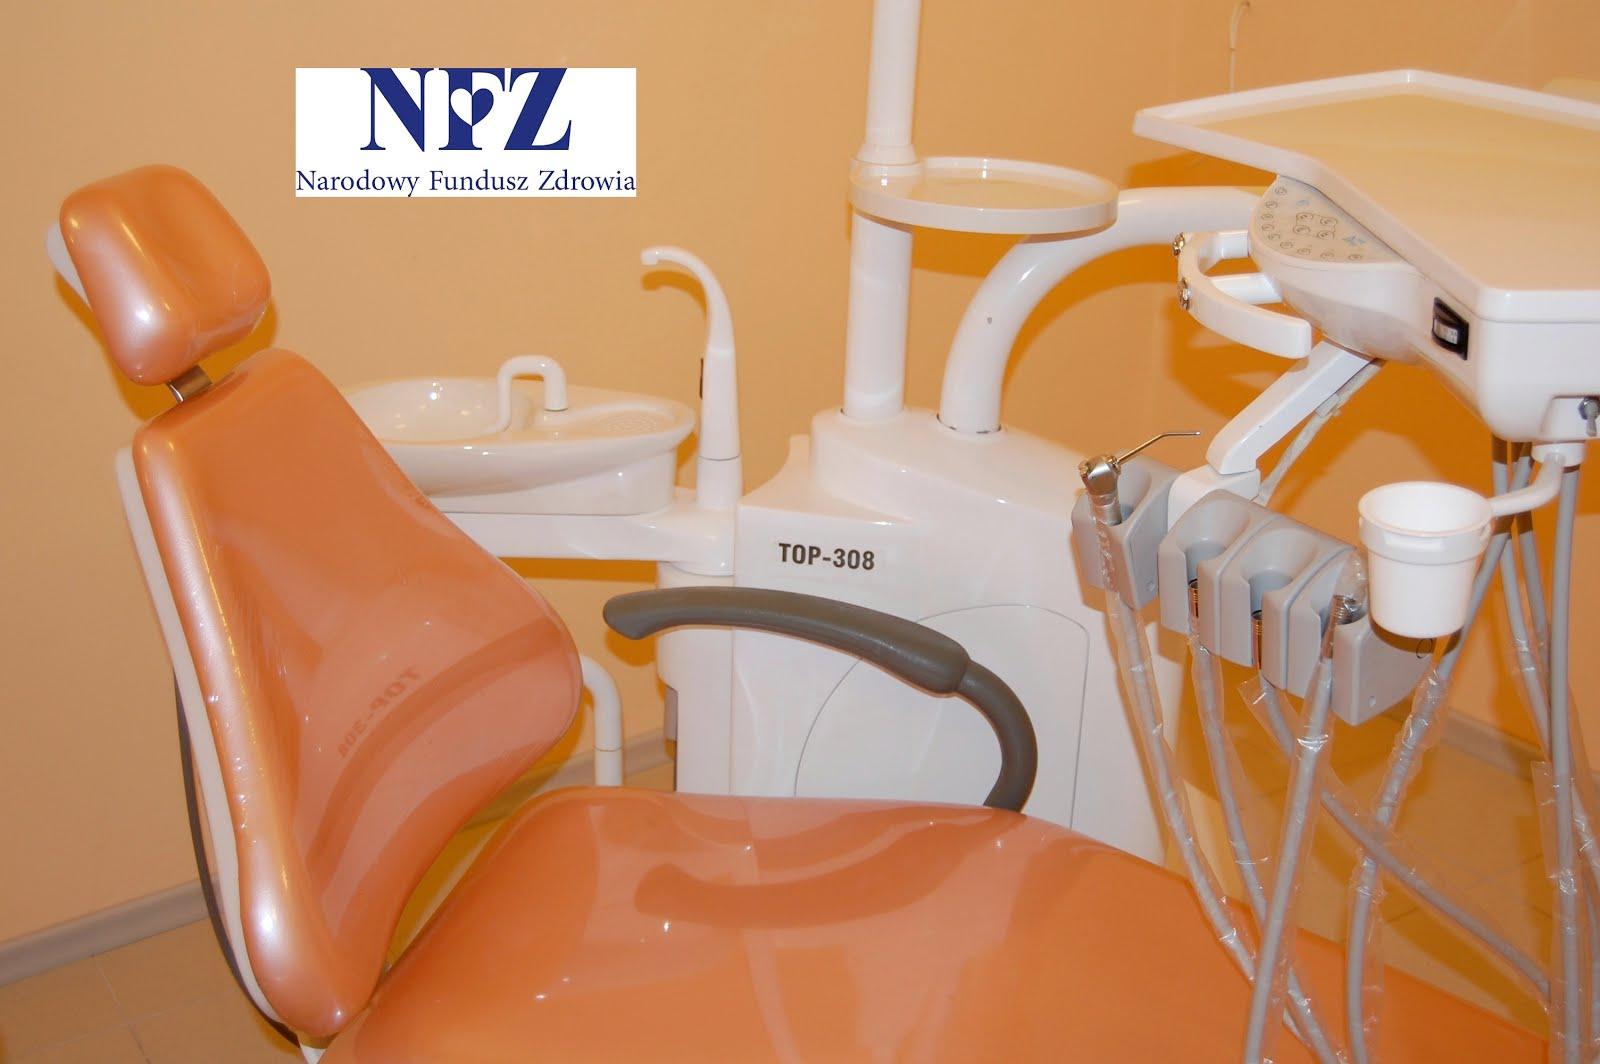 Dentysta.NFZ.Zielona Góra.Stomatolog.Bezpłatne leczenie stomatologiczne,protezy.